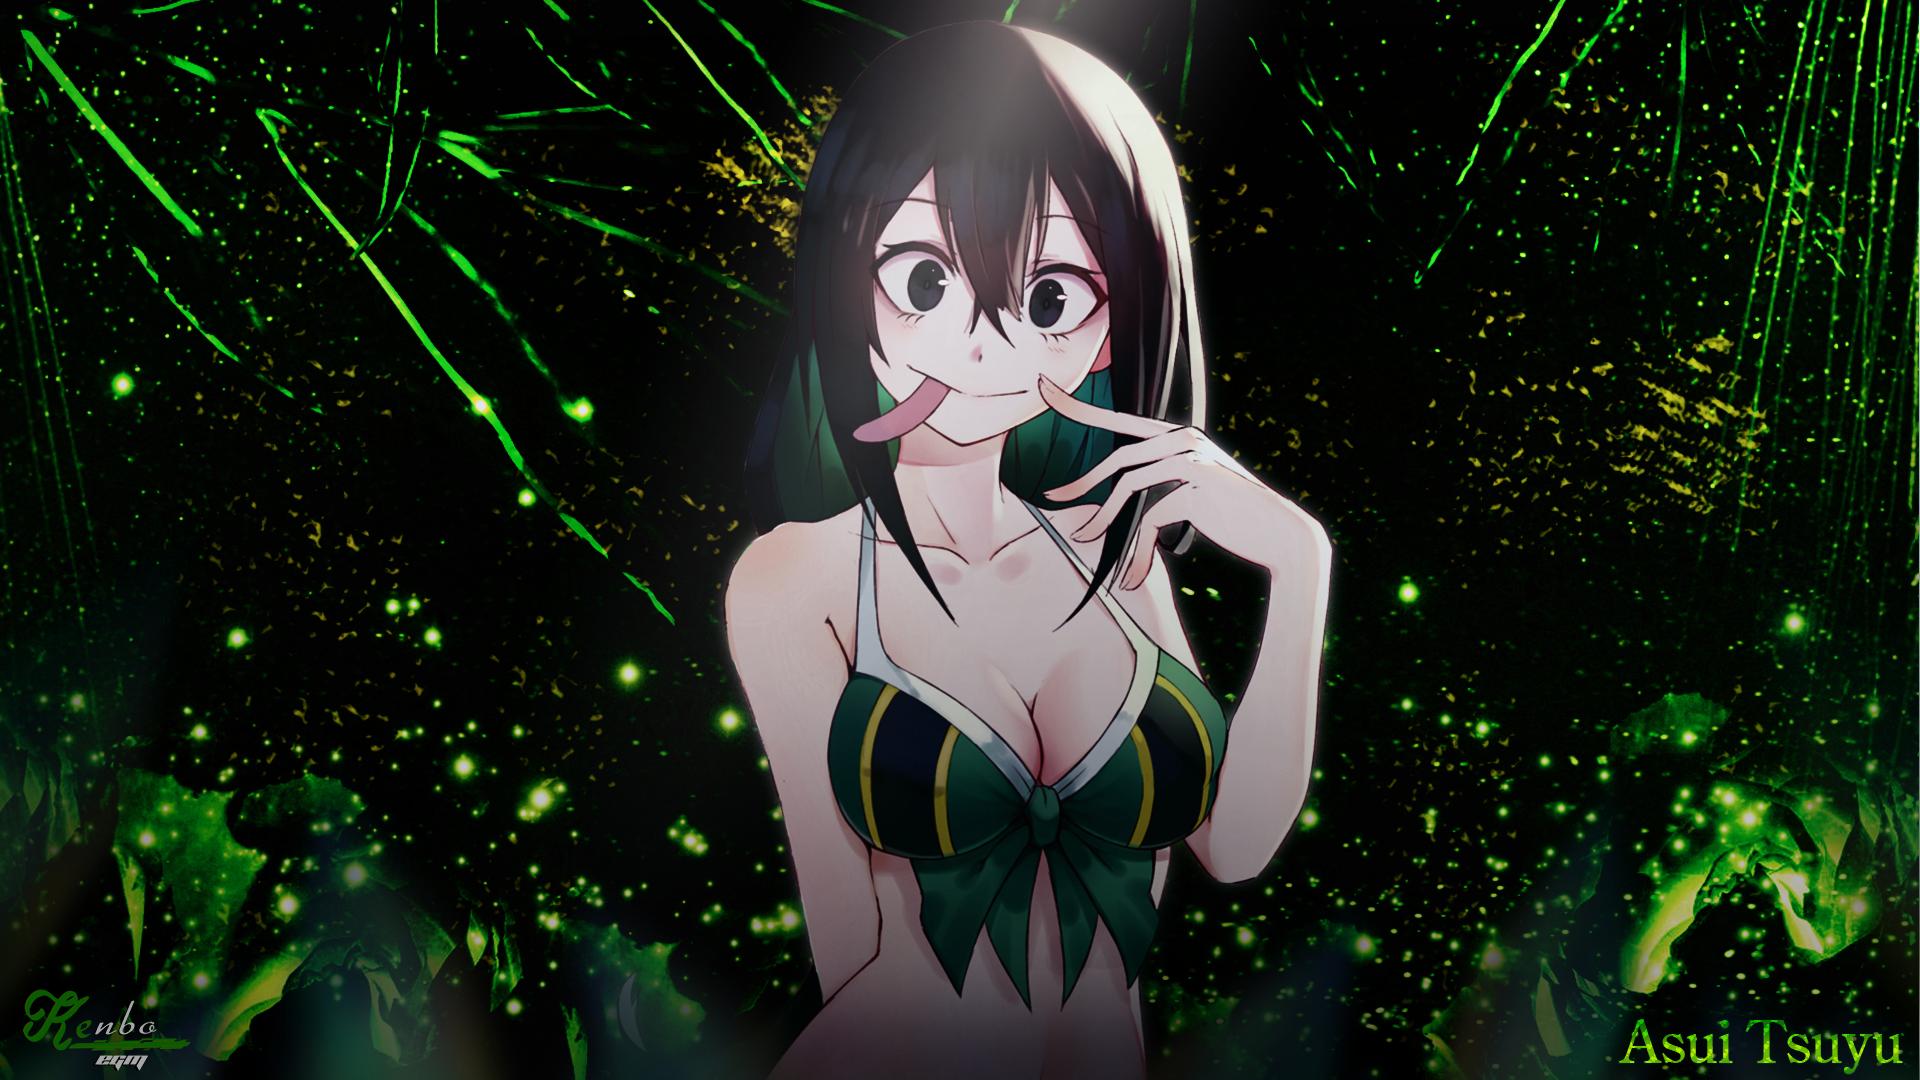 Wallpaper Asui Tsuyu Boku No Hero Academia Green Anime Girls